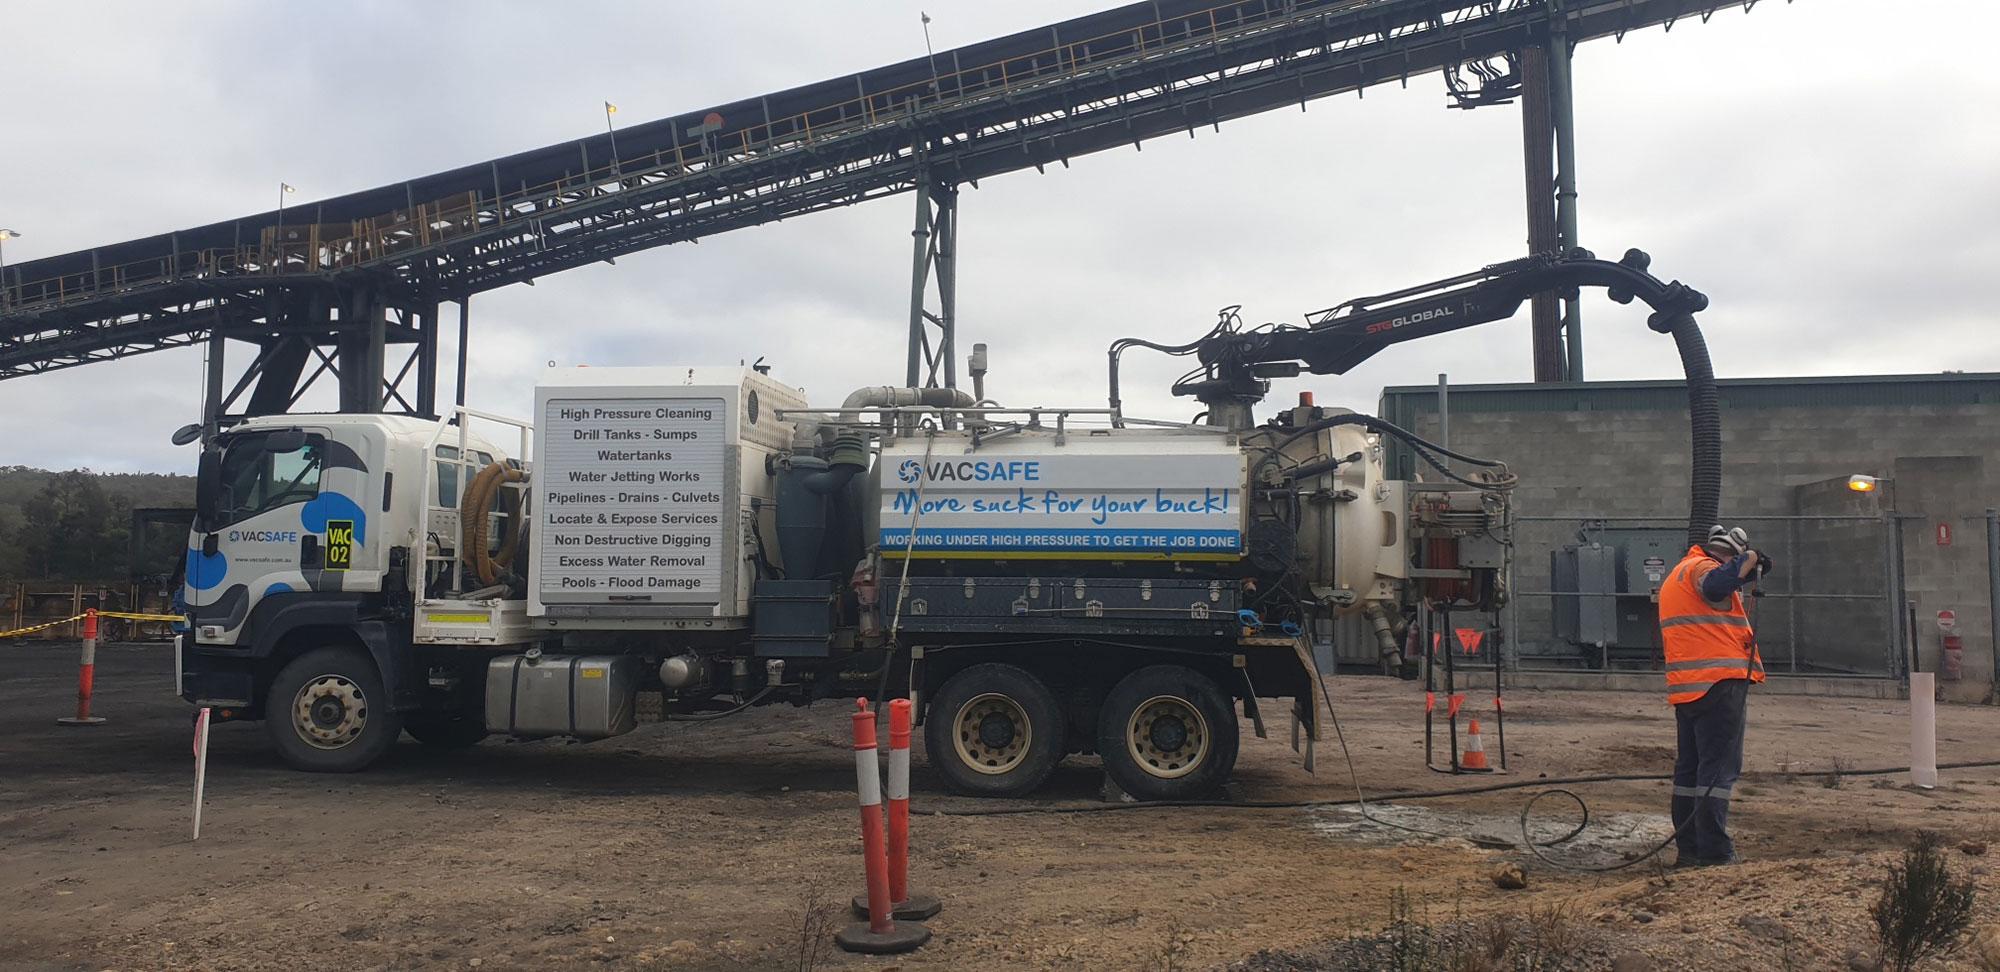 Vacsafe-Mine-Work-Trenching-hydro-hydro-excavation-6000l-sucker-truck-hire-mudgee